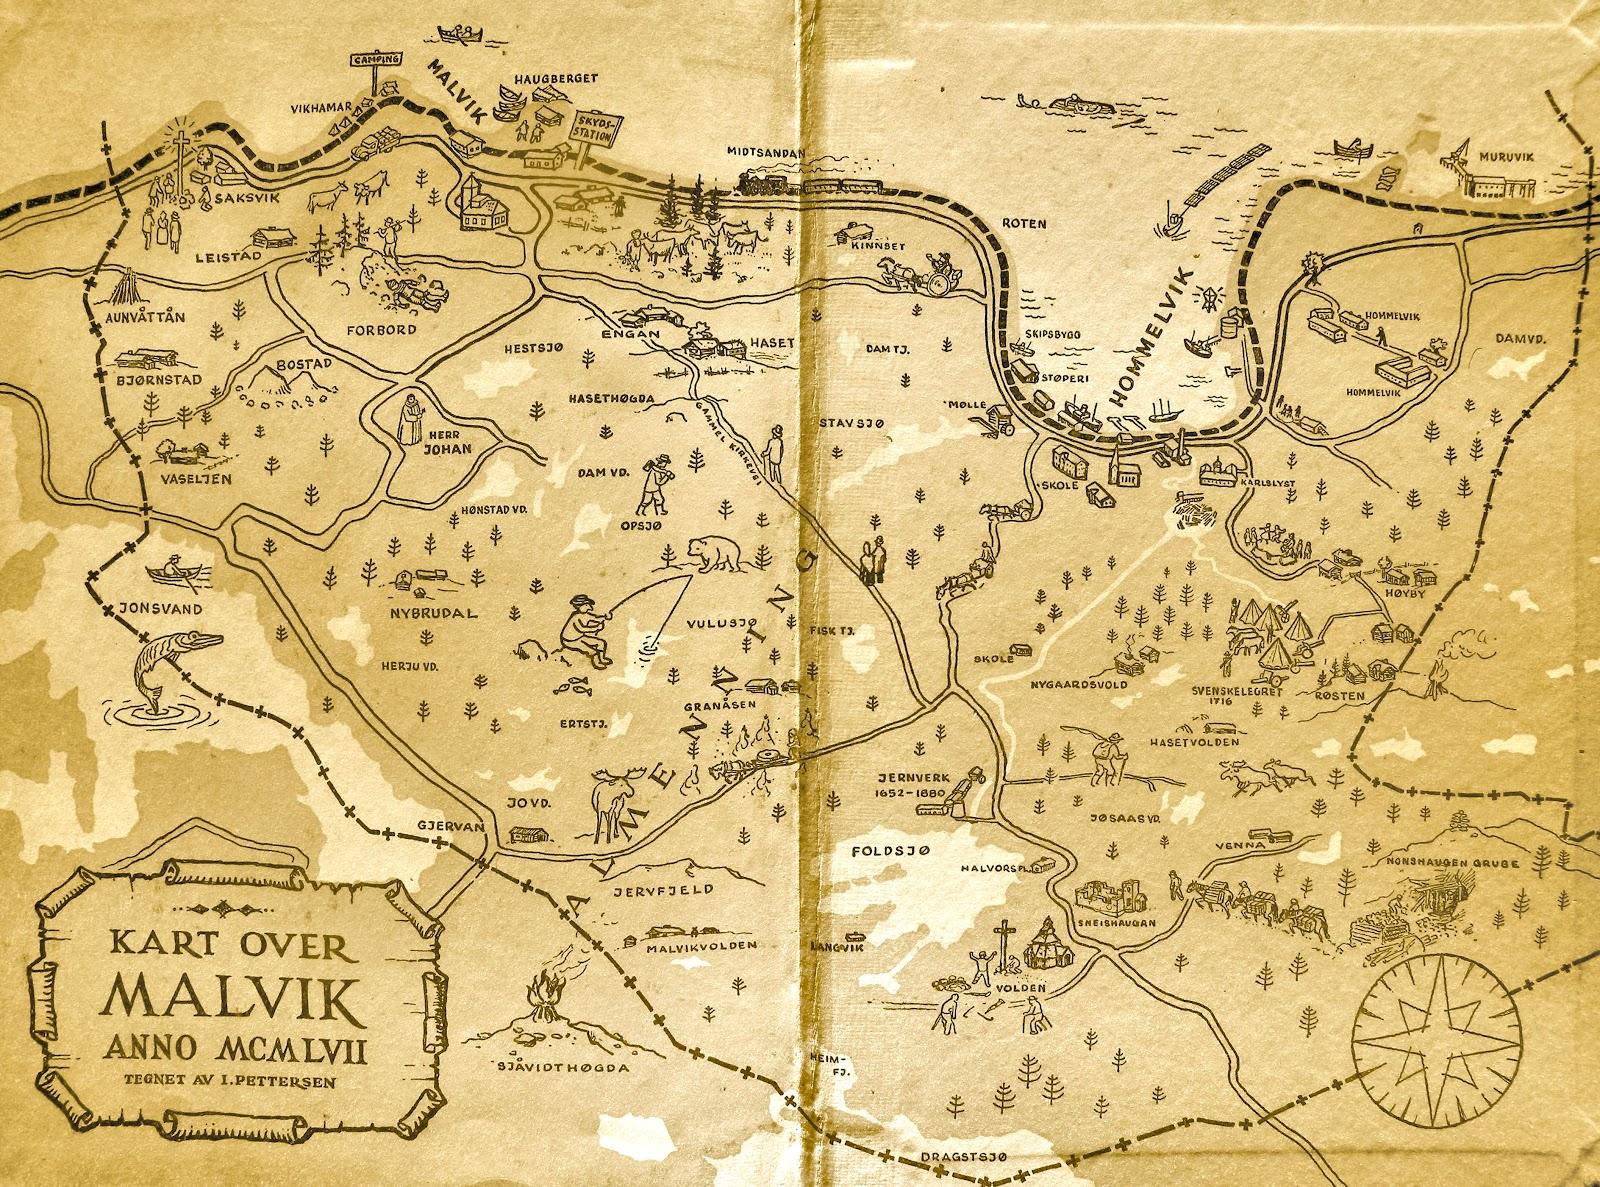 kart over malvik Maler Ivar Pettersen fra Hommelvik: Kart kart over malvik